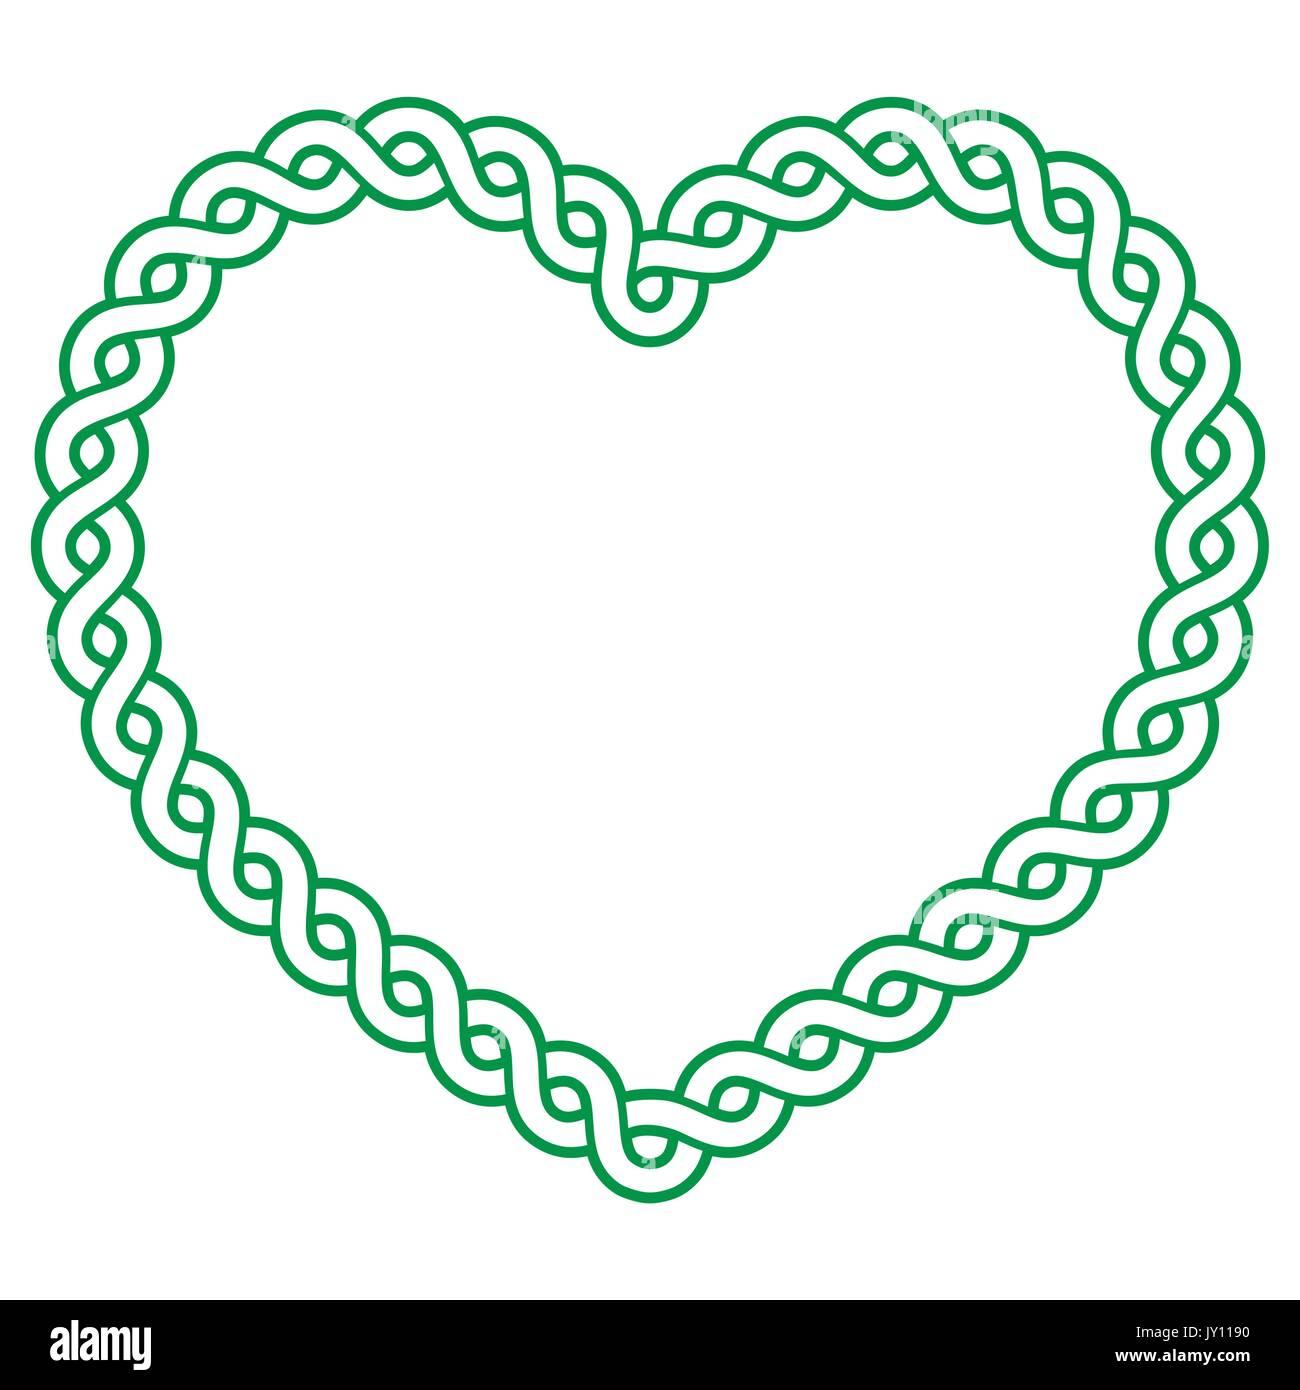 keltische muster grn herz liebe konzept bav st patricks day valentines irischen keltischen herzen muster isoliert auf weiem - Konzept Muster